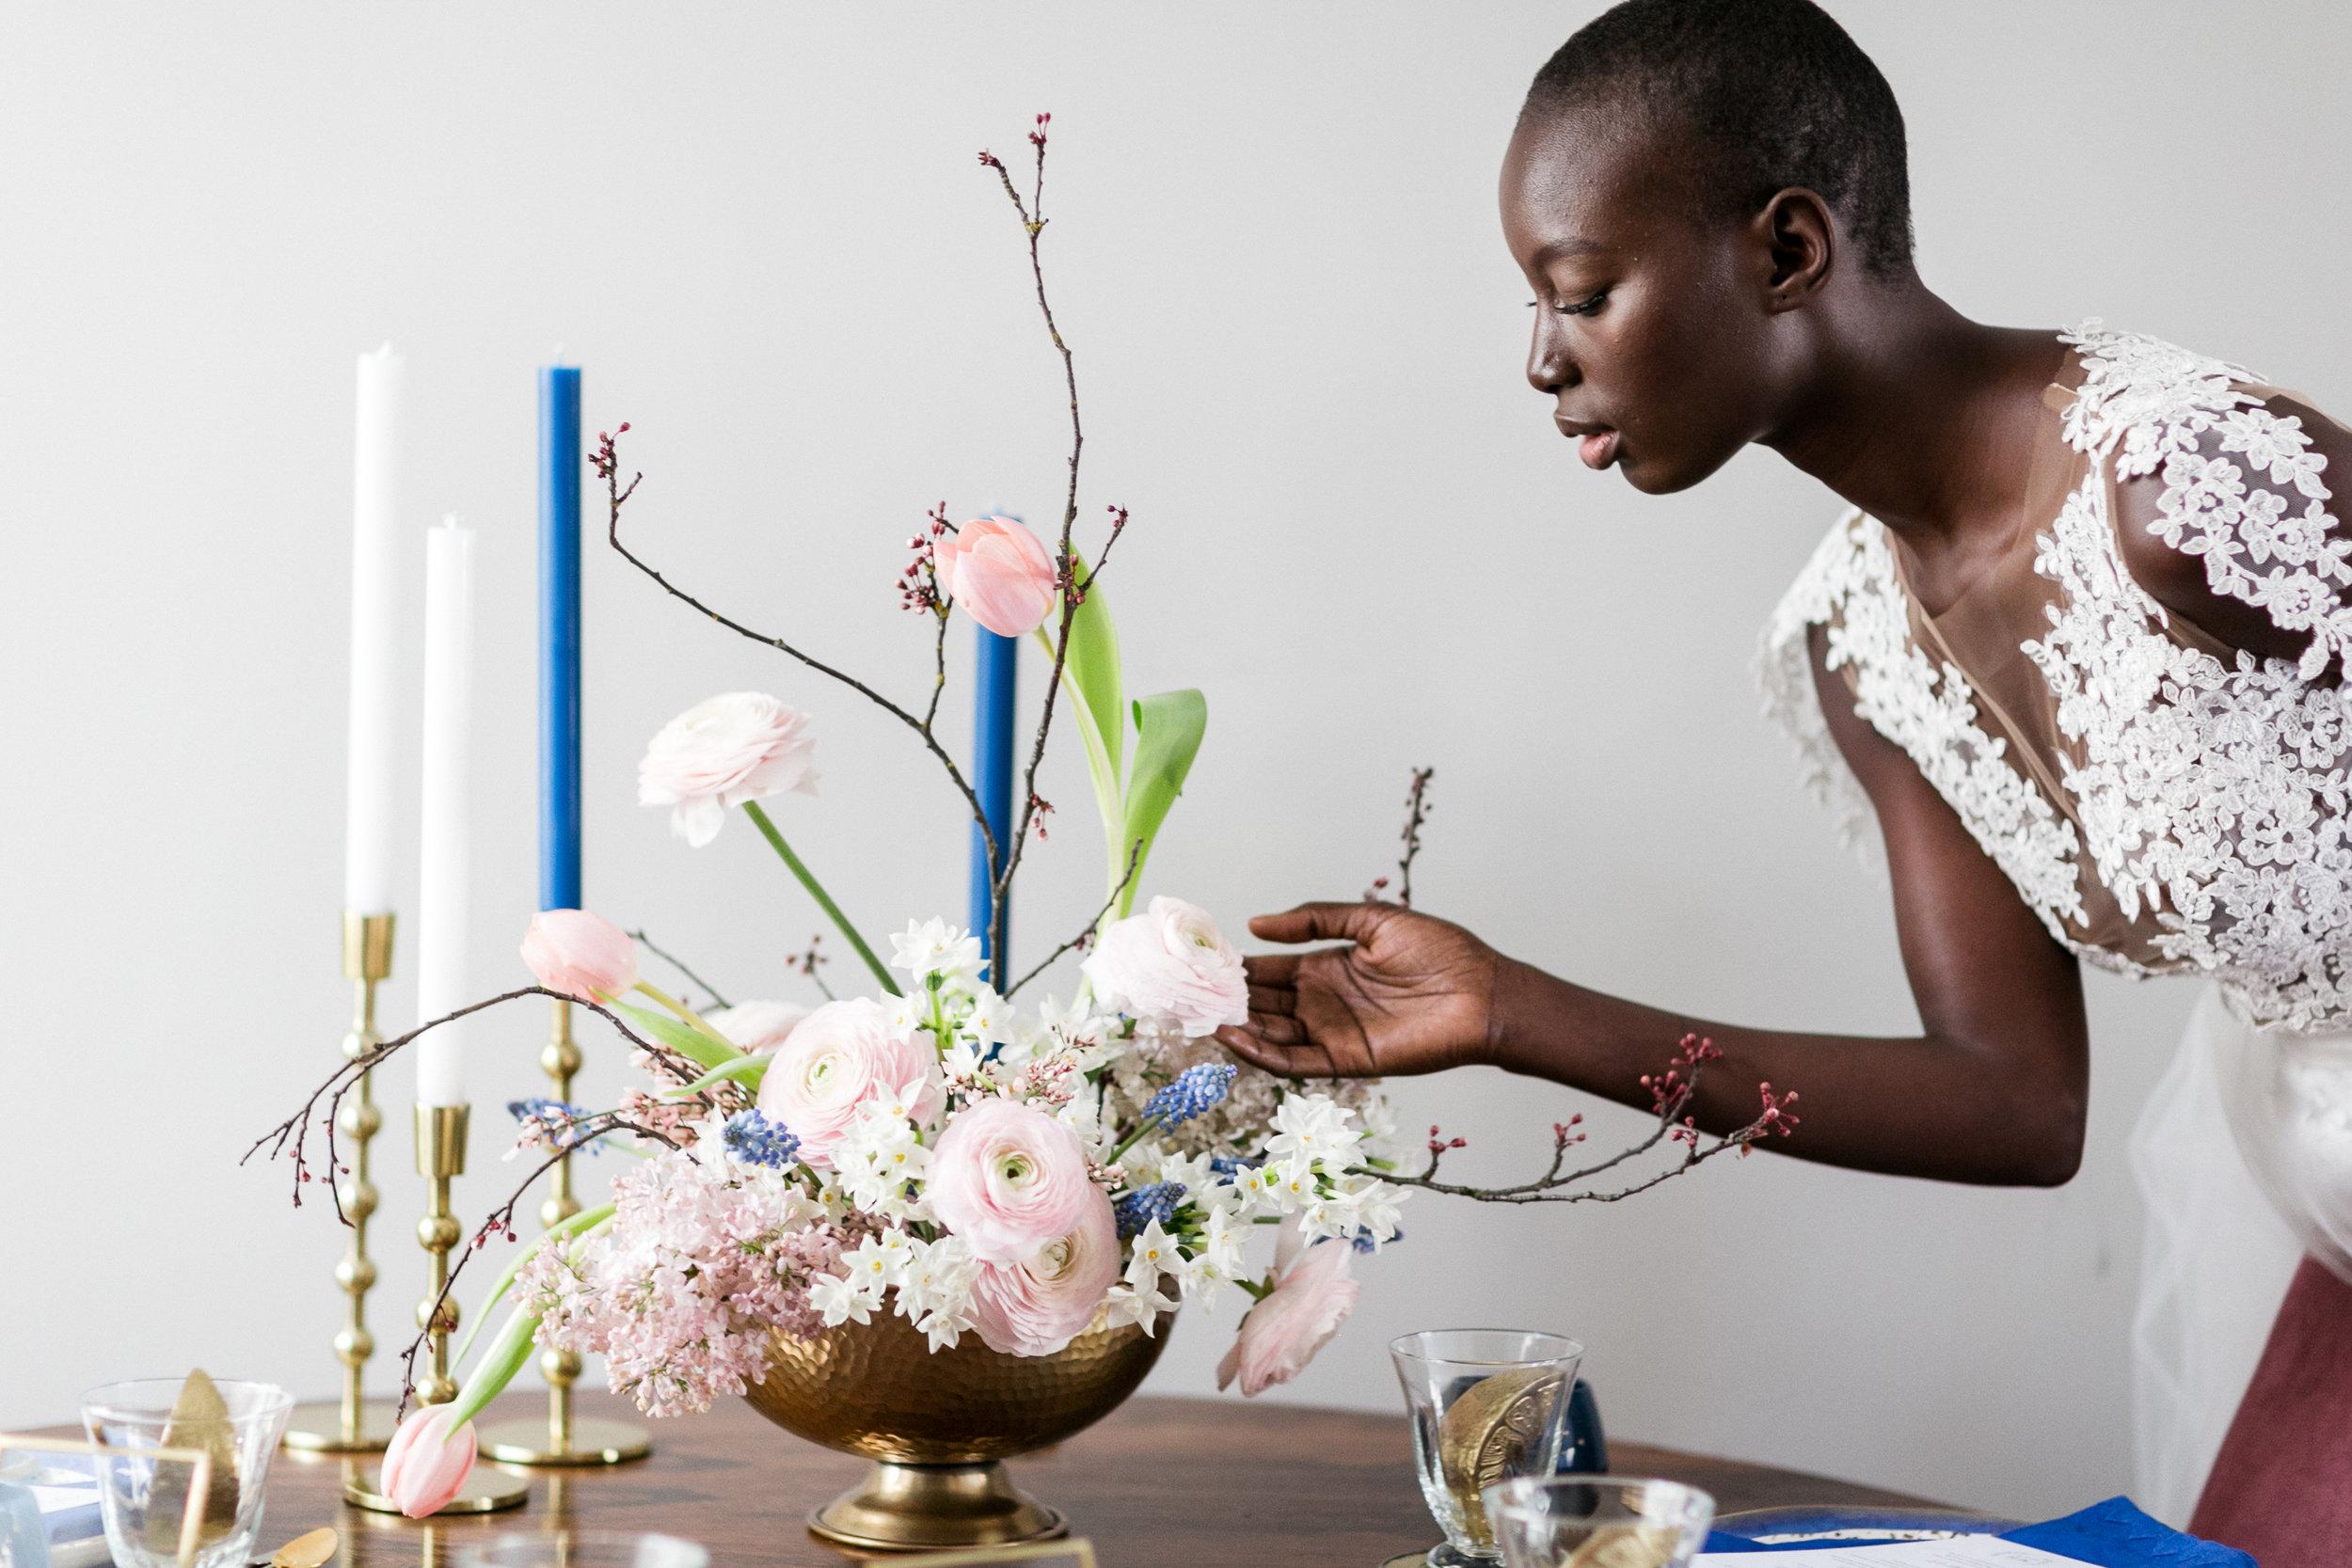 london-inspiration-braut-shooting-brautkleid-meghan-harry-deko-blumen-hochzeit-wedding-marriage-hochzeitsfotograf-muenchen-luxembourg-trier-flower.jpg